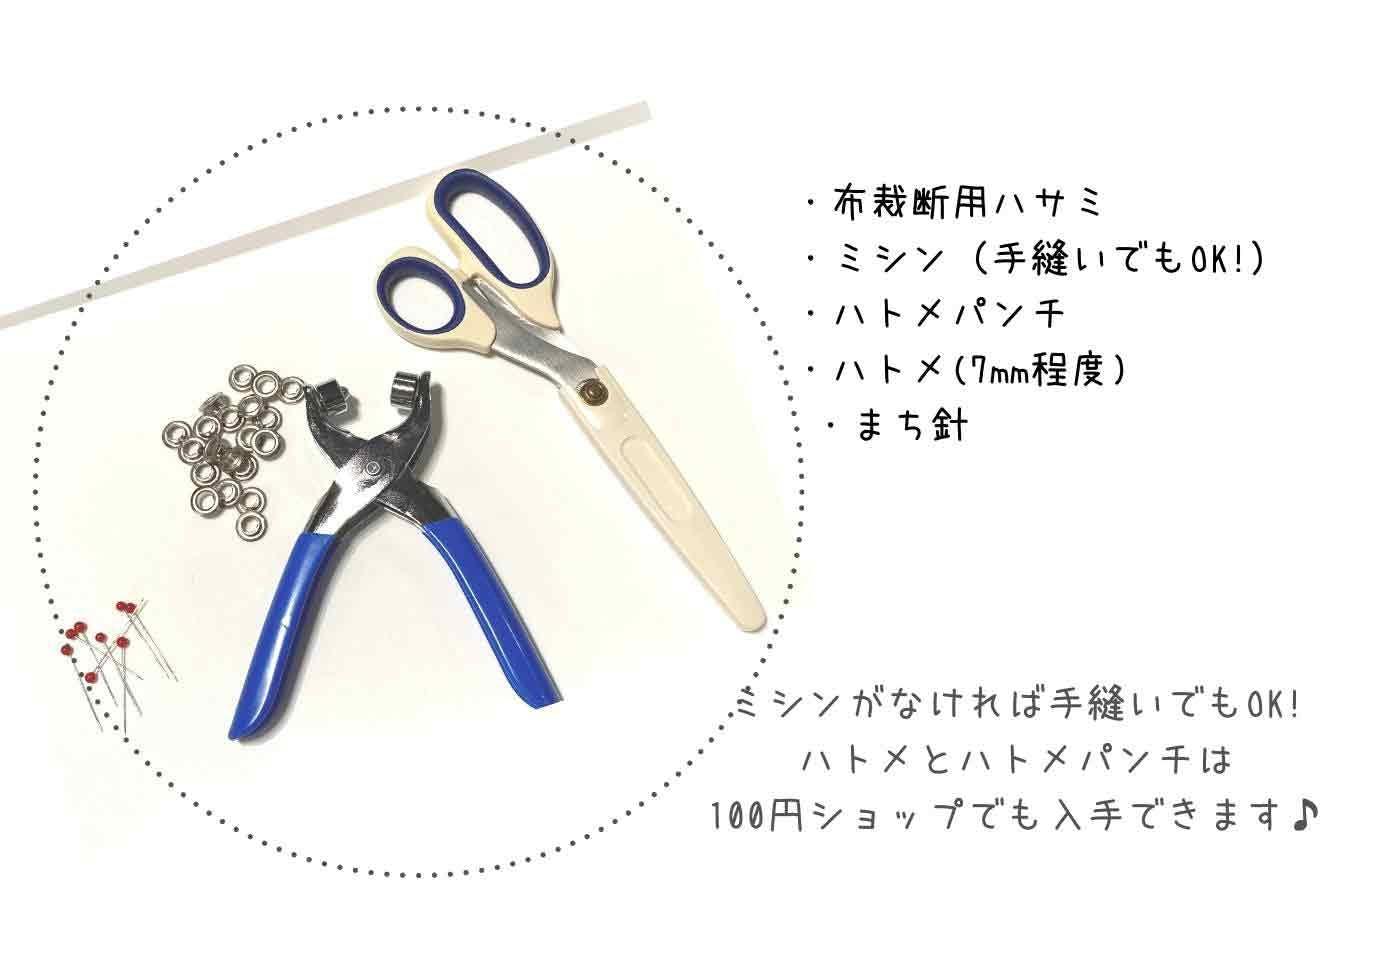 使用する道具